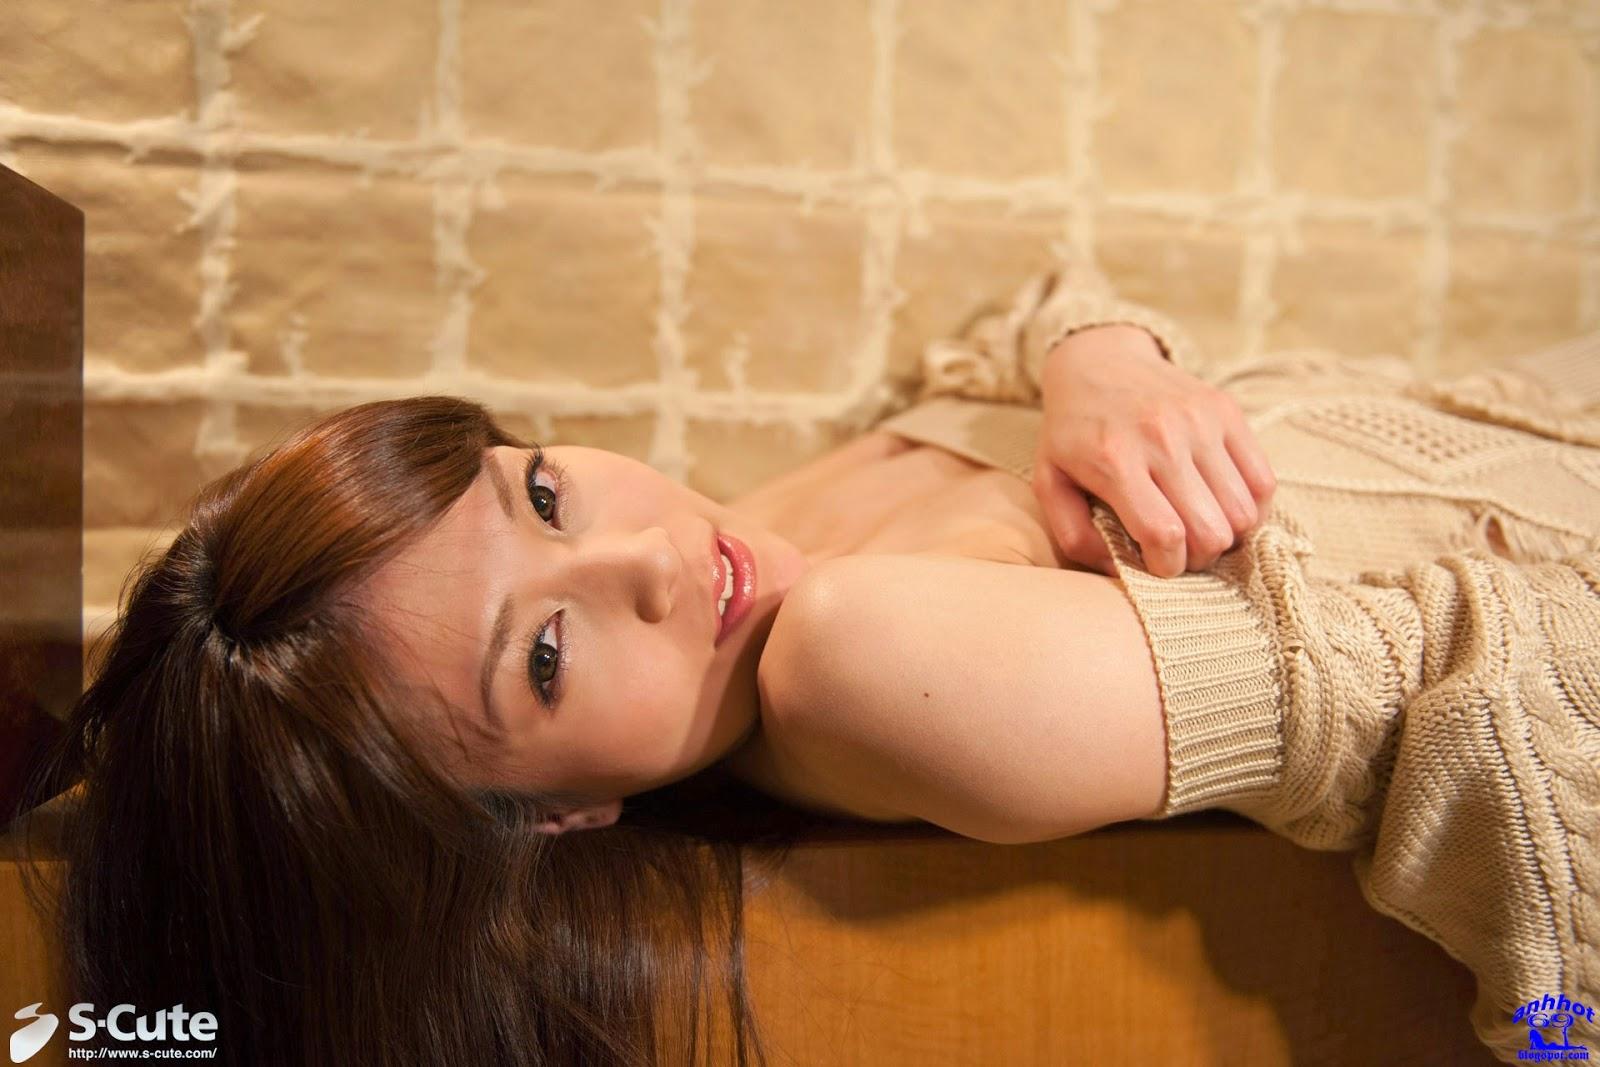 anri-sugisaki-02273164